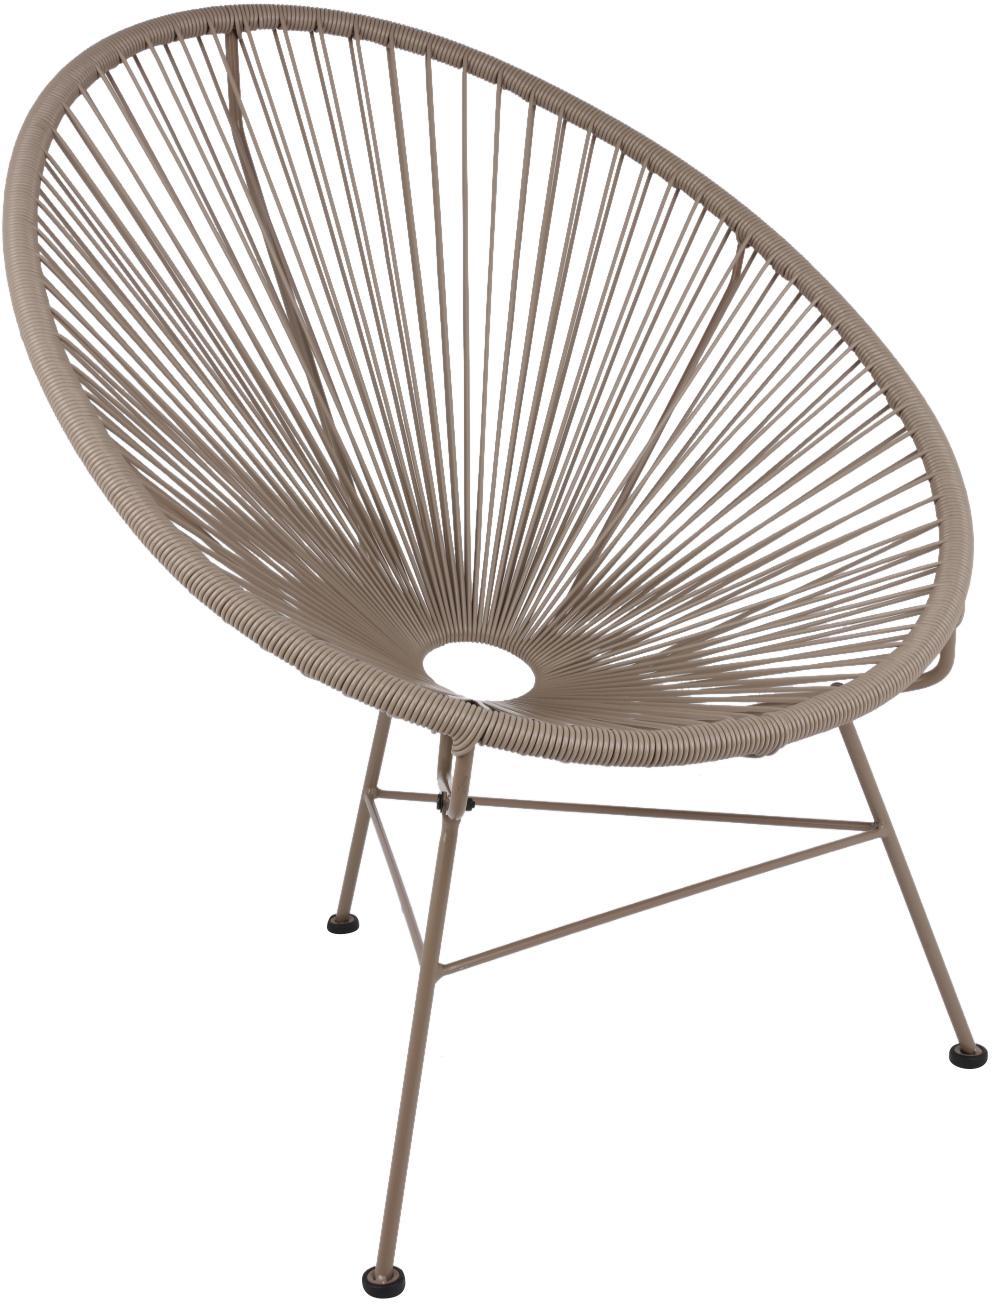 Sillón Bahia, Asiento: plástico, Estructura: metal con pintura en polv, Gris pardo, An 81 x F 73 cm